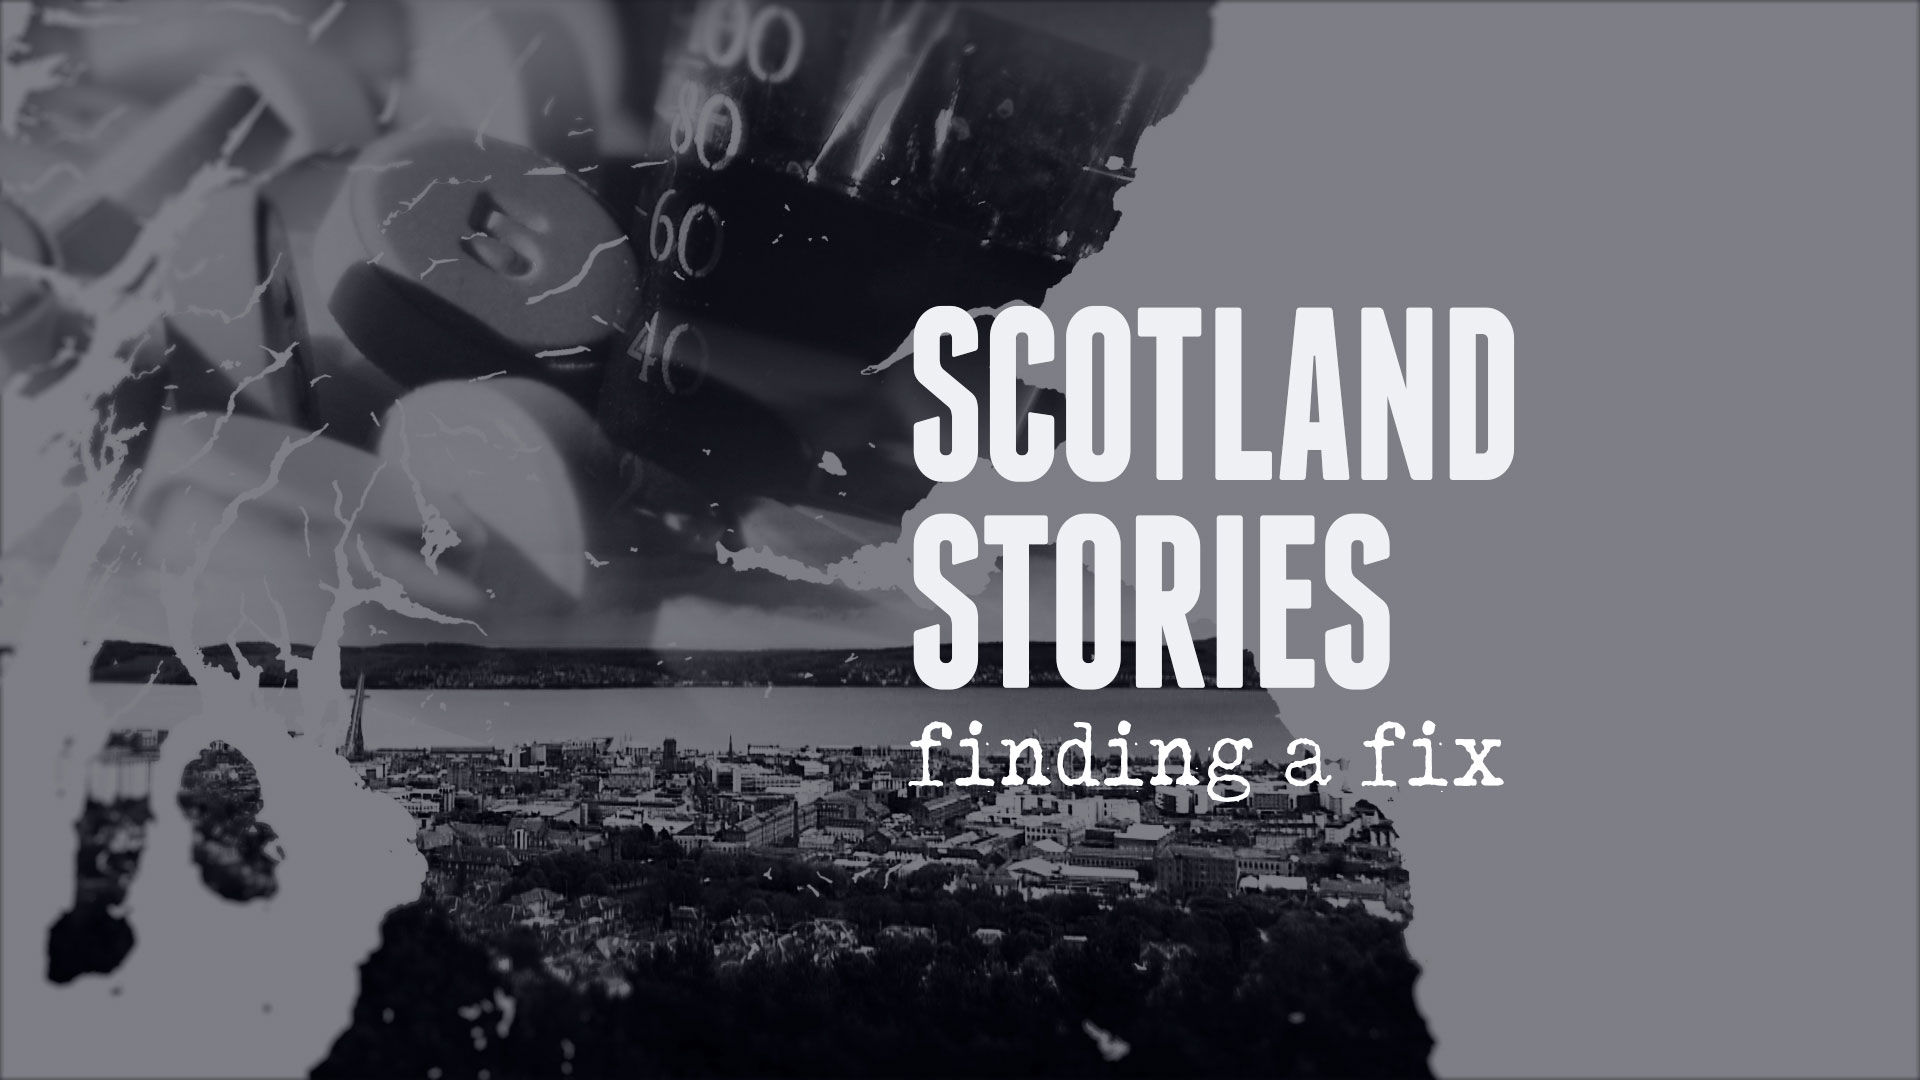 Scotland Stories: Finding A Fix